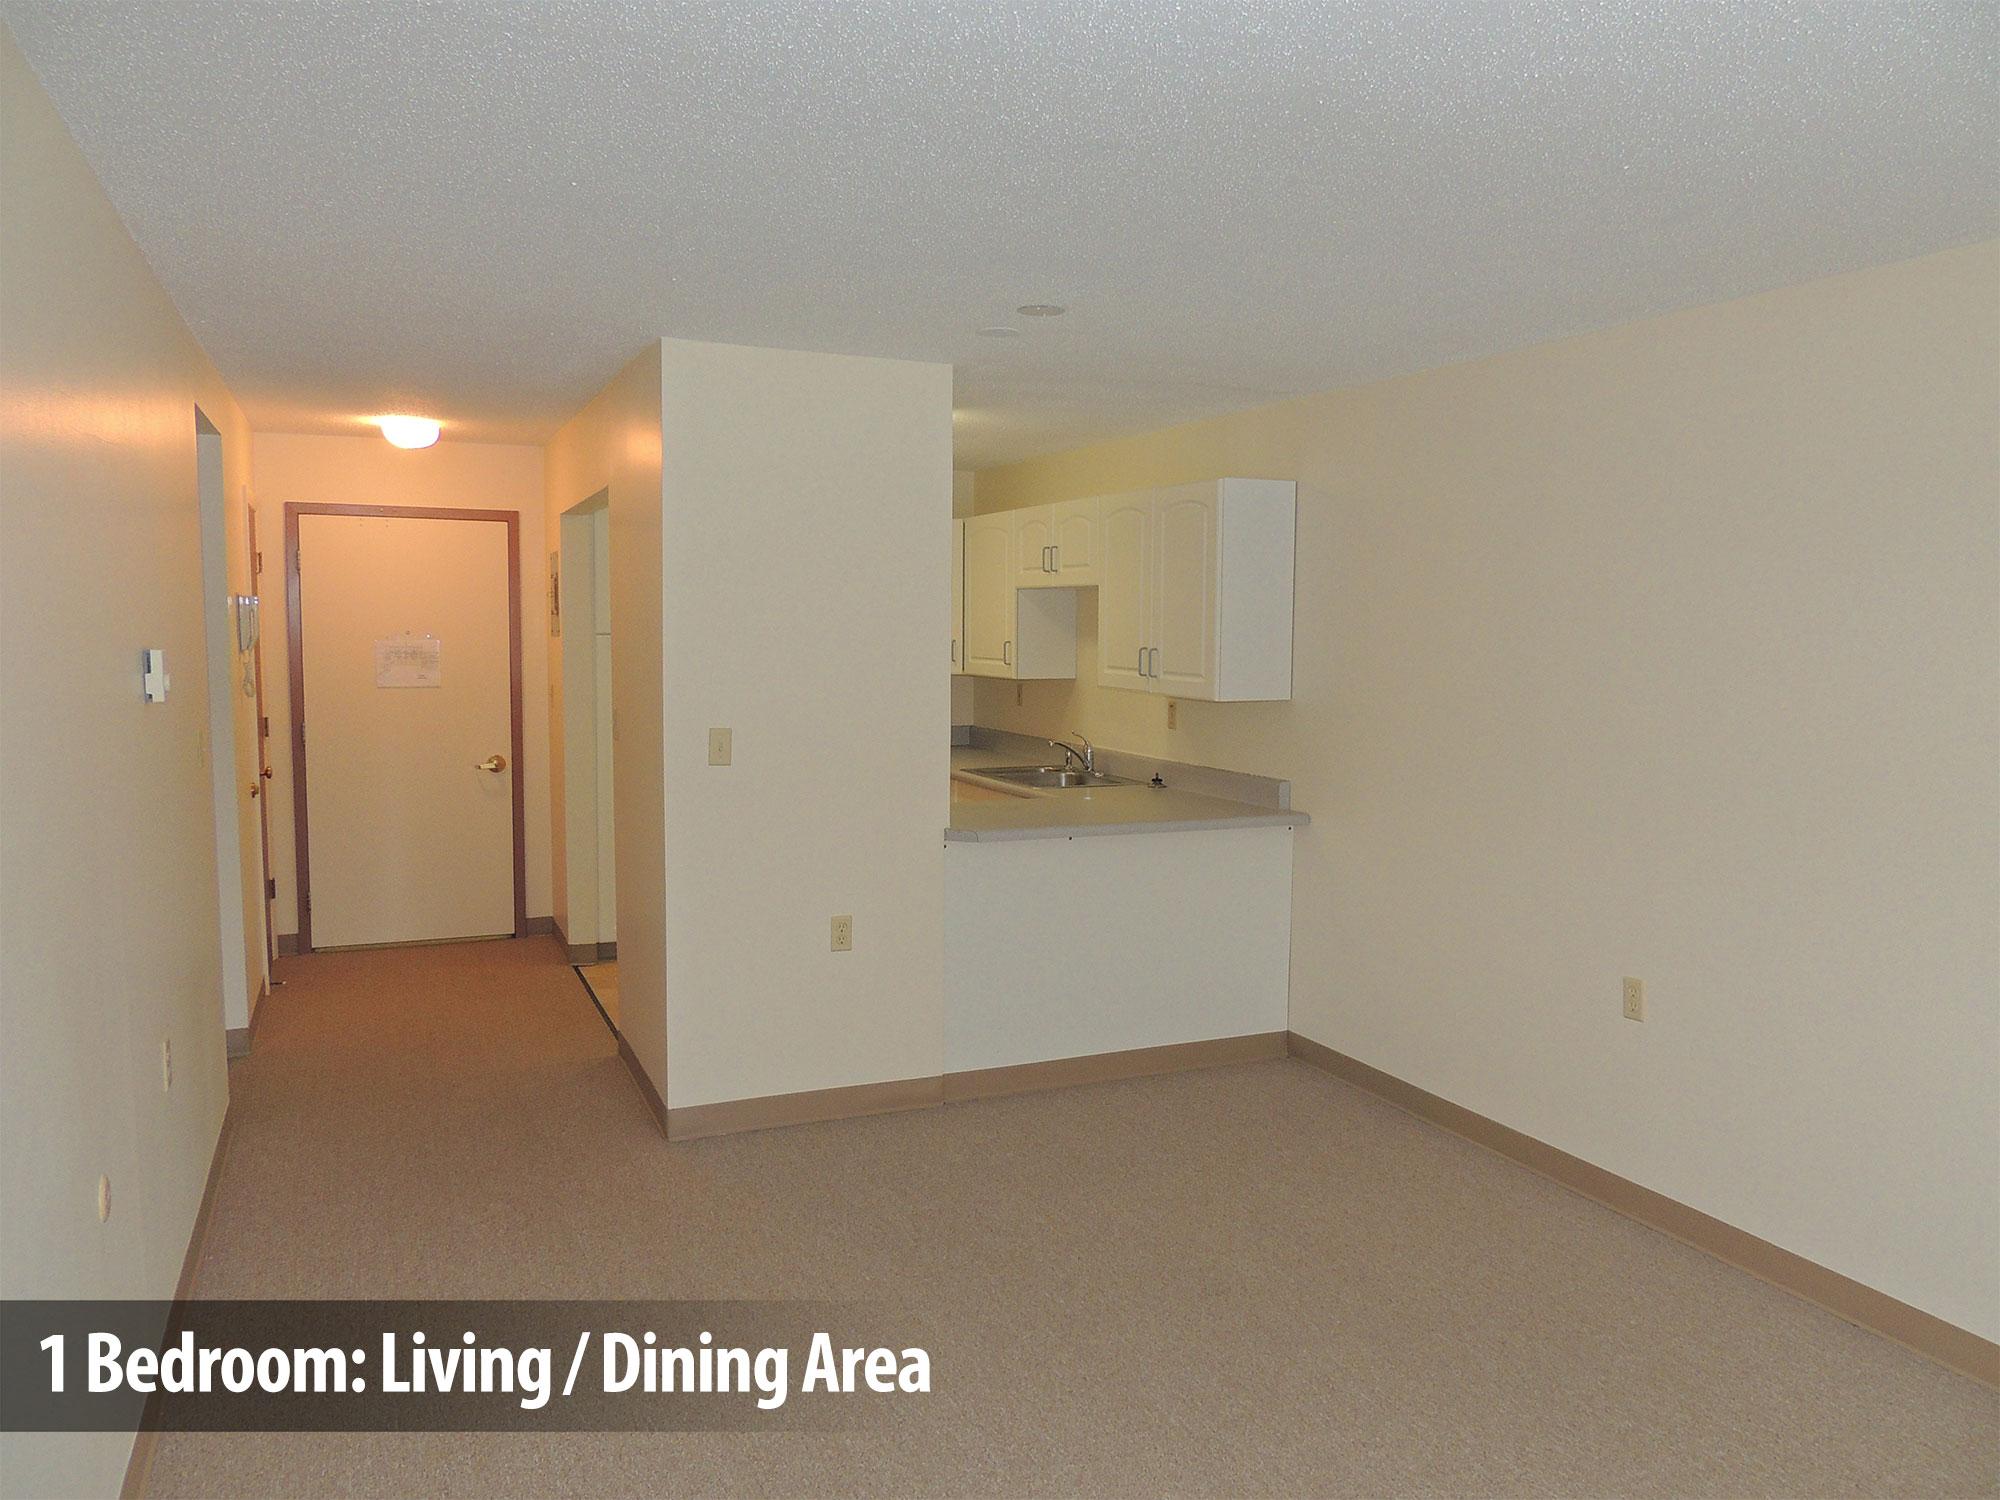 1bedroom-living-dining2